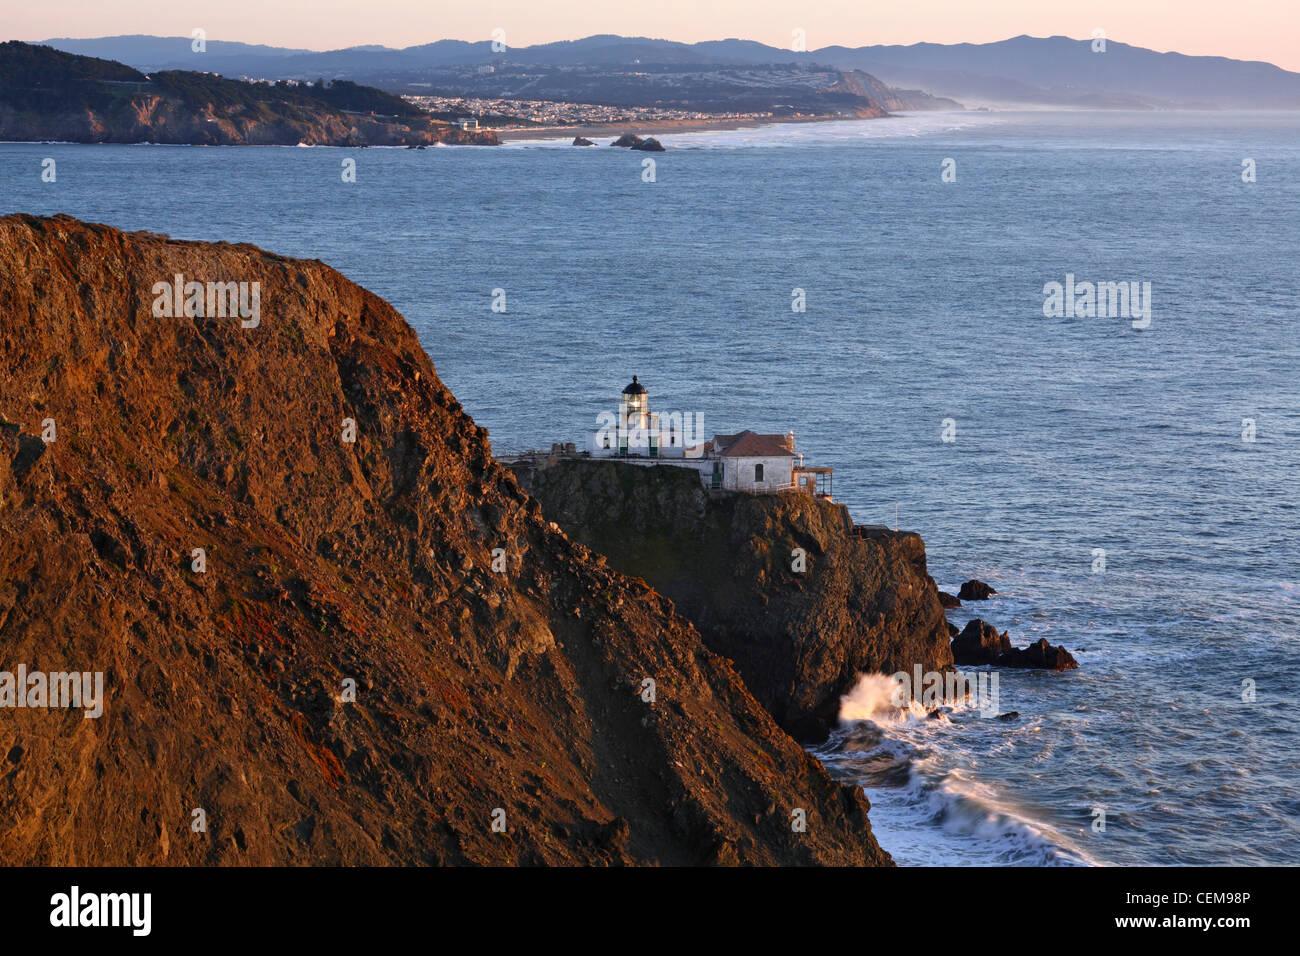 Faro de Punta Bonita en el Marin a la entrada del Golden Gate y la Bahía de San Francisco. Imagen De Stock